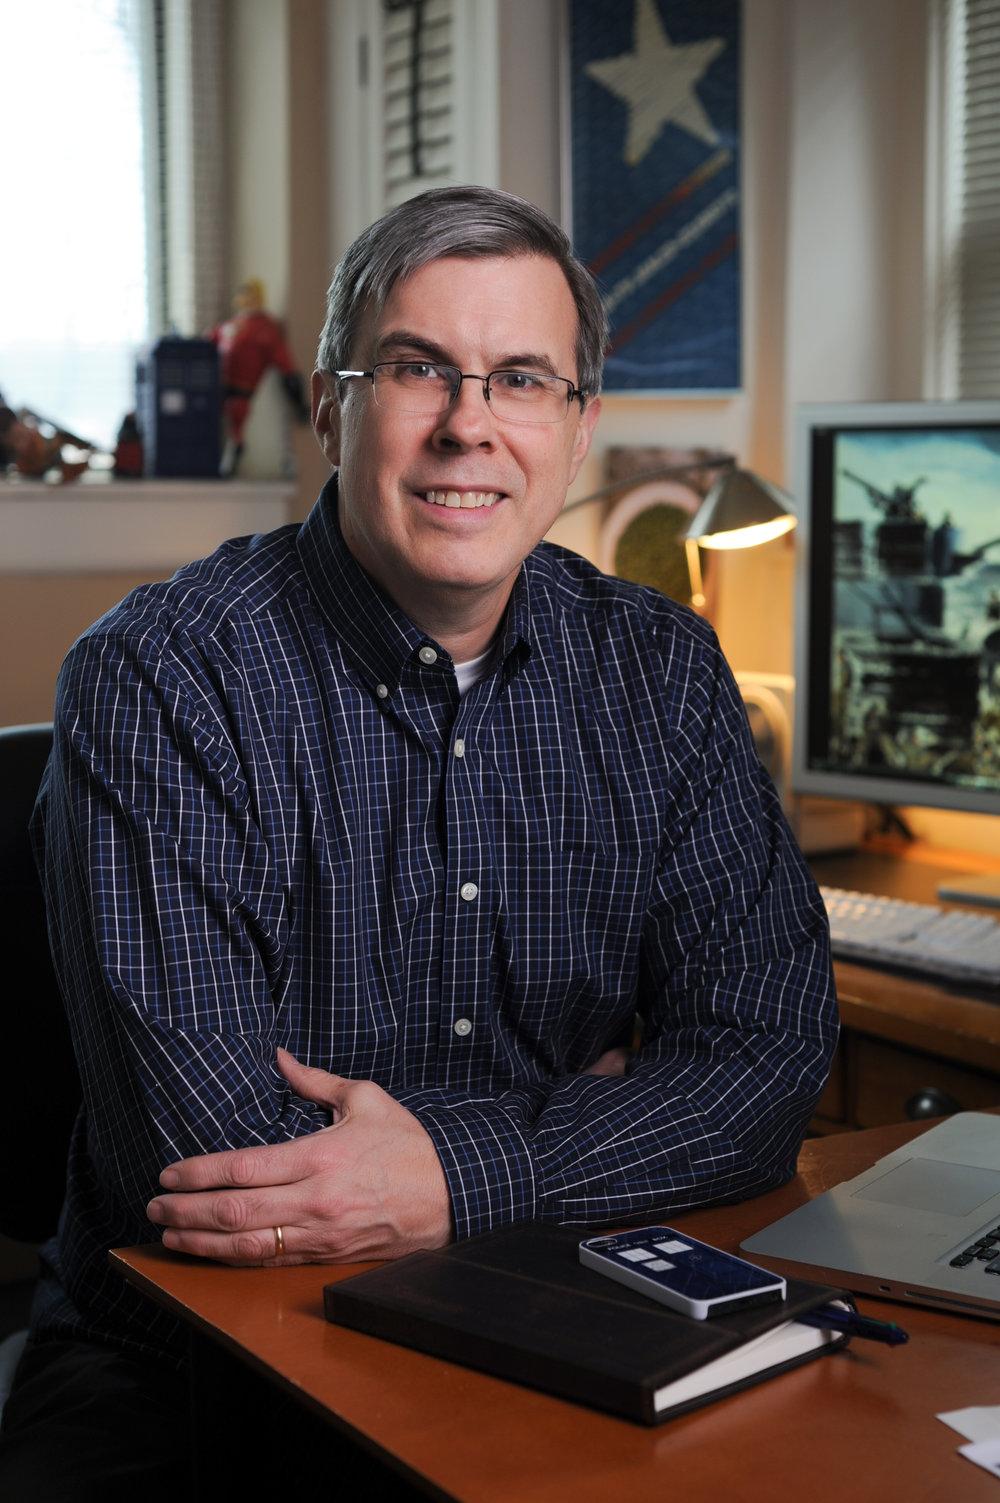 Rick Beyer | Filmmaker